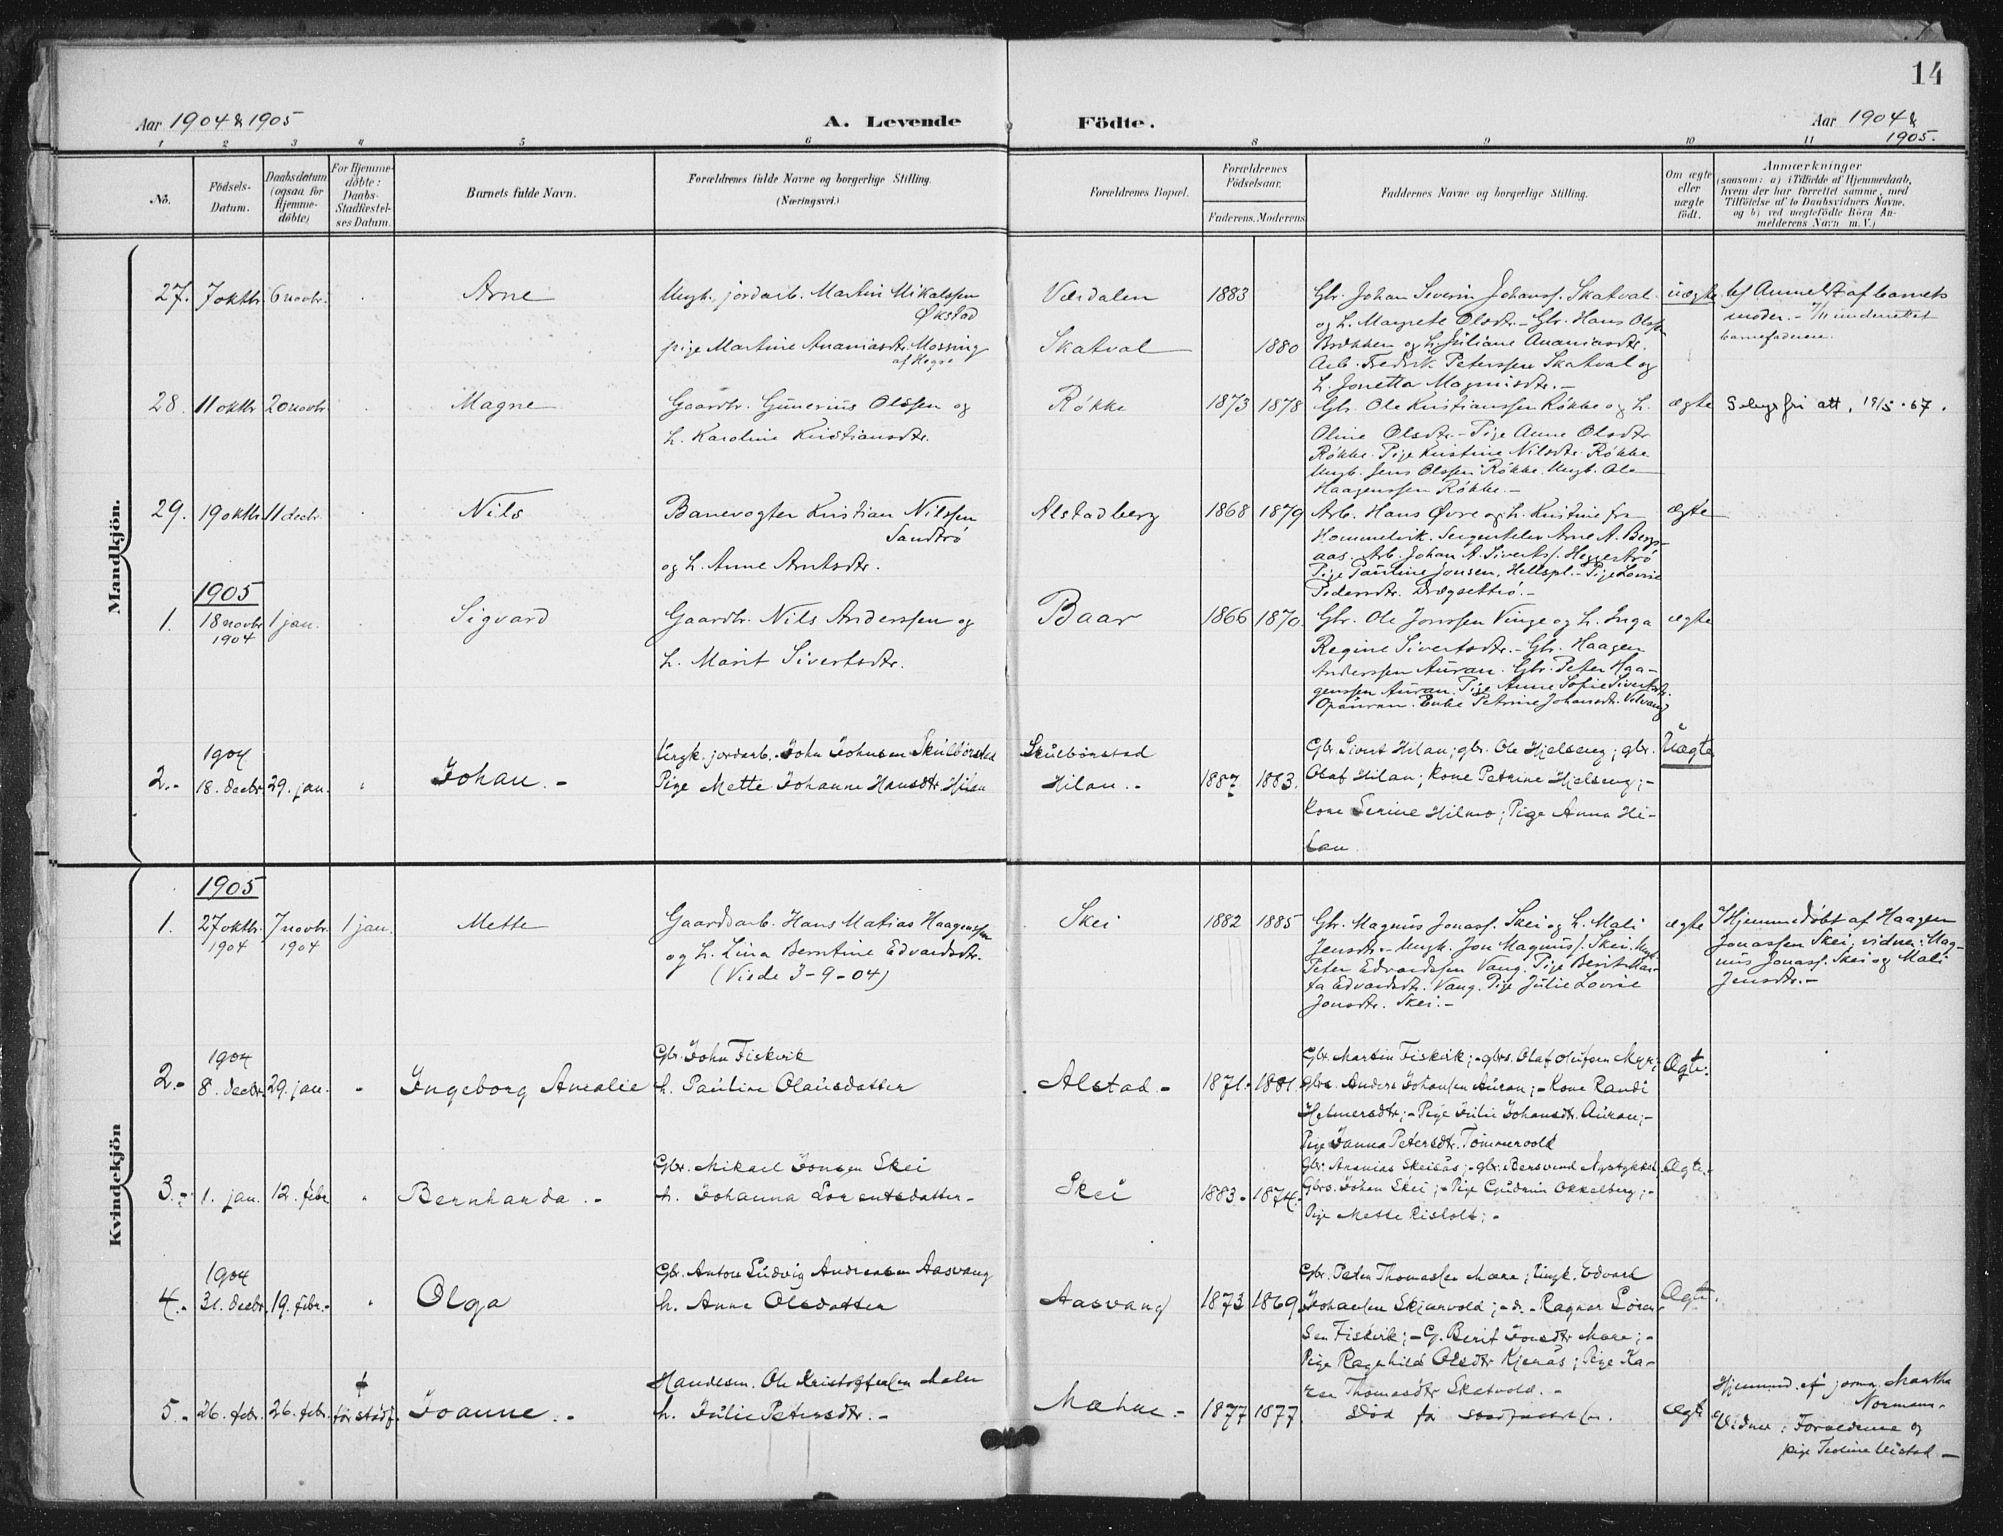 SAT, Ministerialprotokoller, klokkerbøker og fødselsregistre - Nord-Trøndelag, 712/L0101: Ministerialbok nr. 712A02, 1901-1916, s. 14